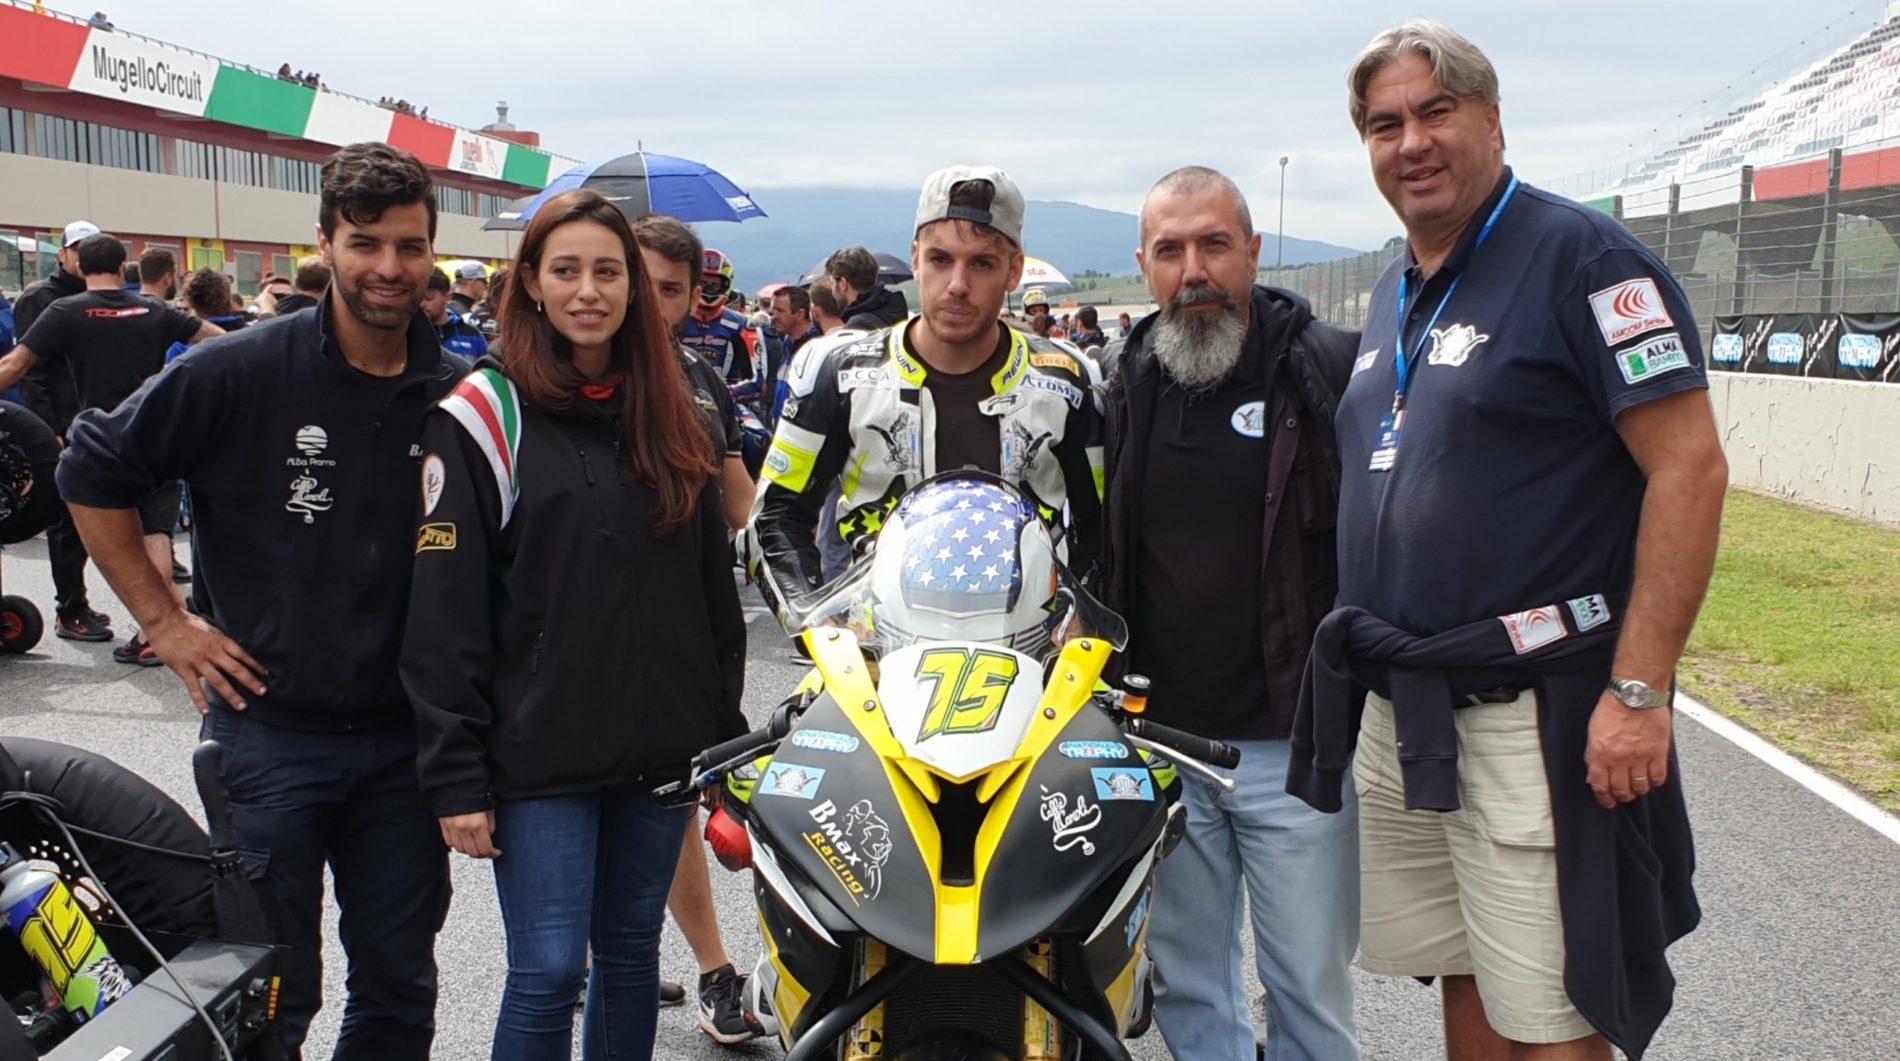 Lazio Motociclismo, circuito Mugello